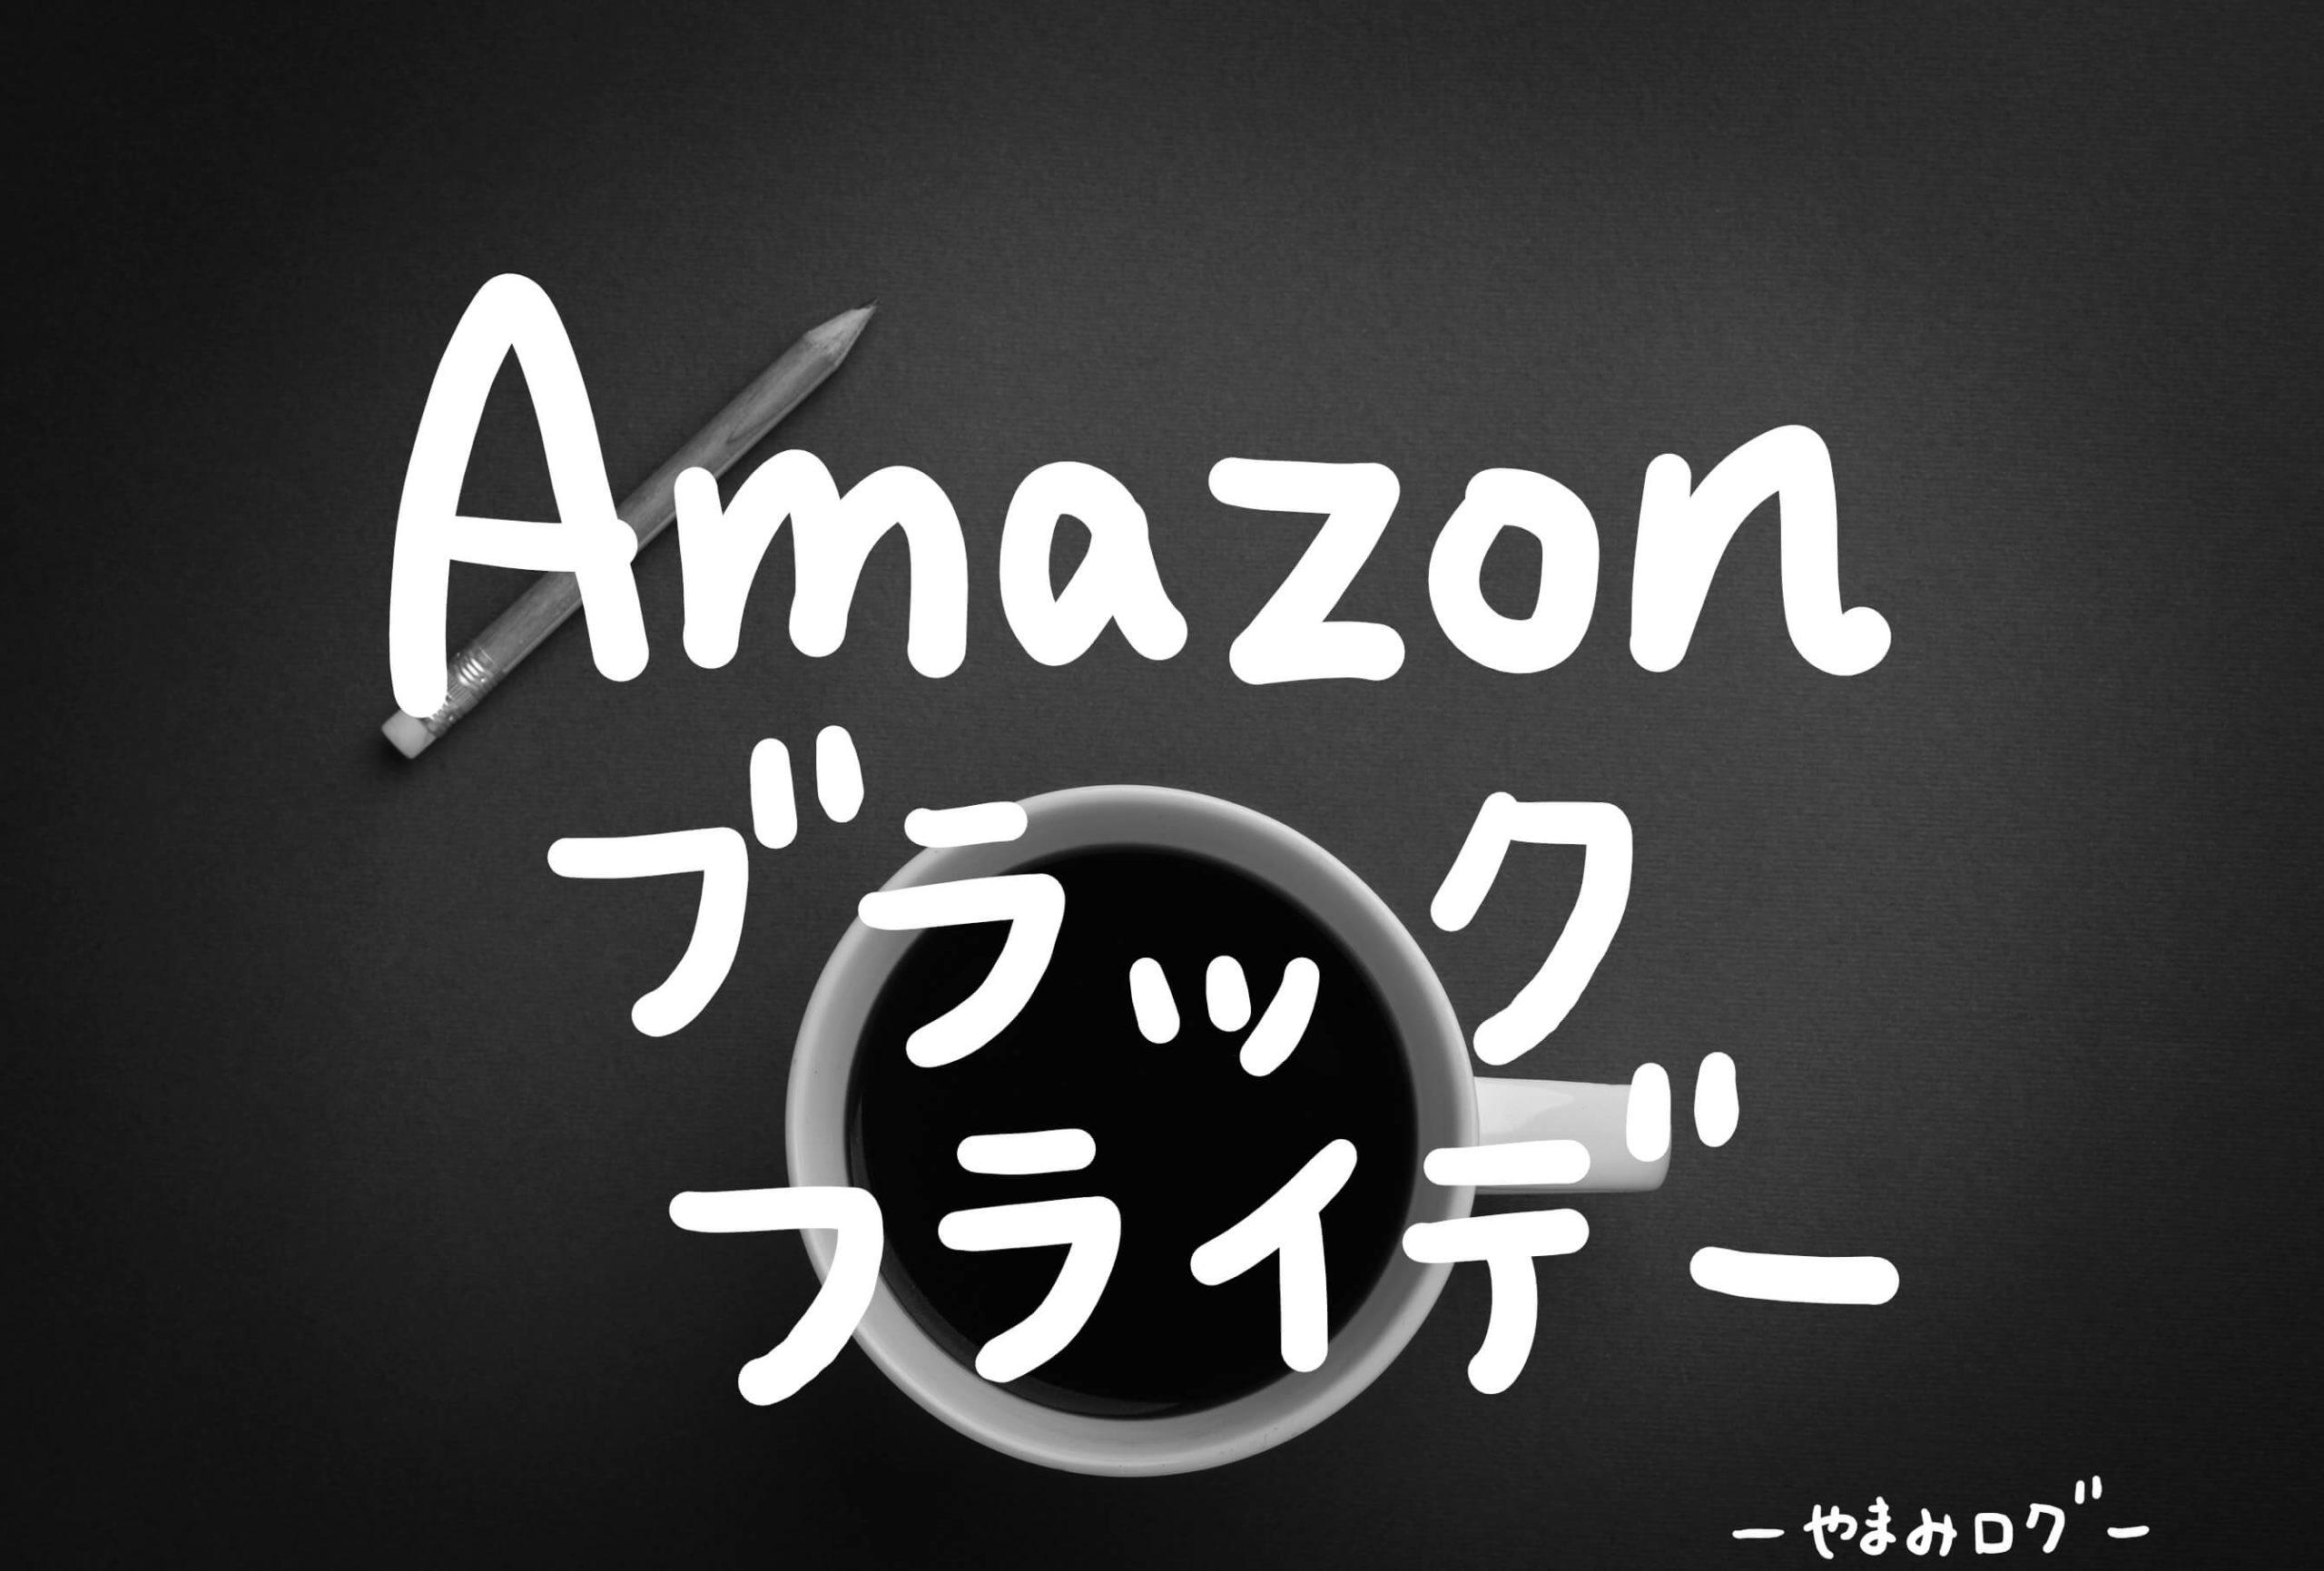 【駆け込め怒涛の3日間】Amazon Brack Friday(ブラックフライデー)で購入すべき美容アイテムはこれ!!